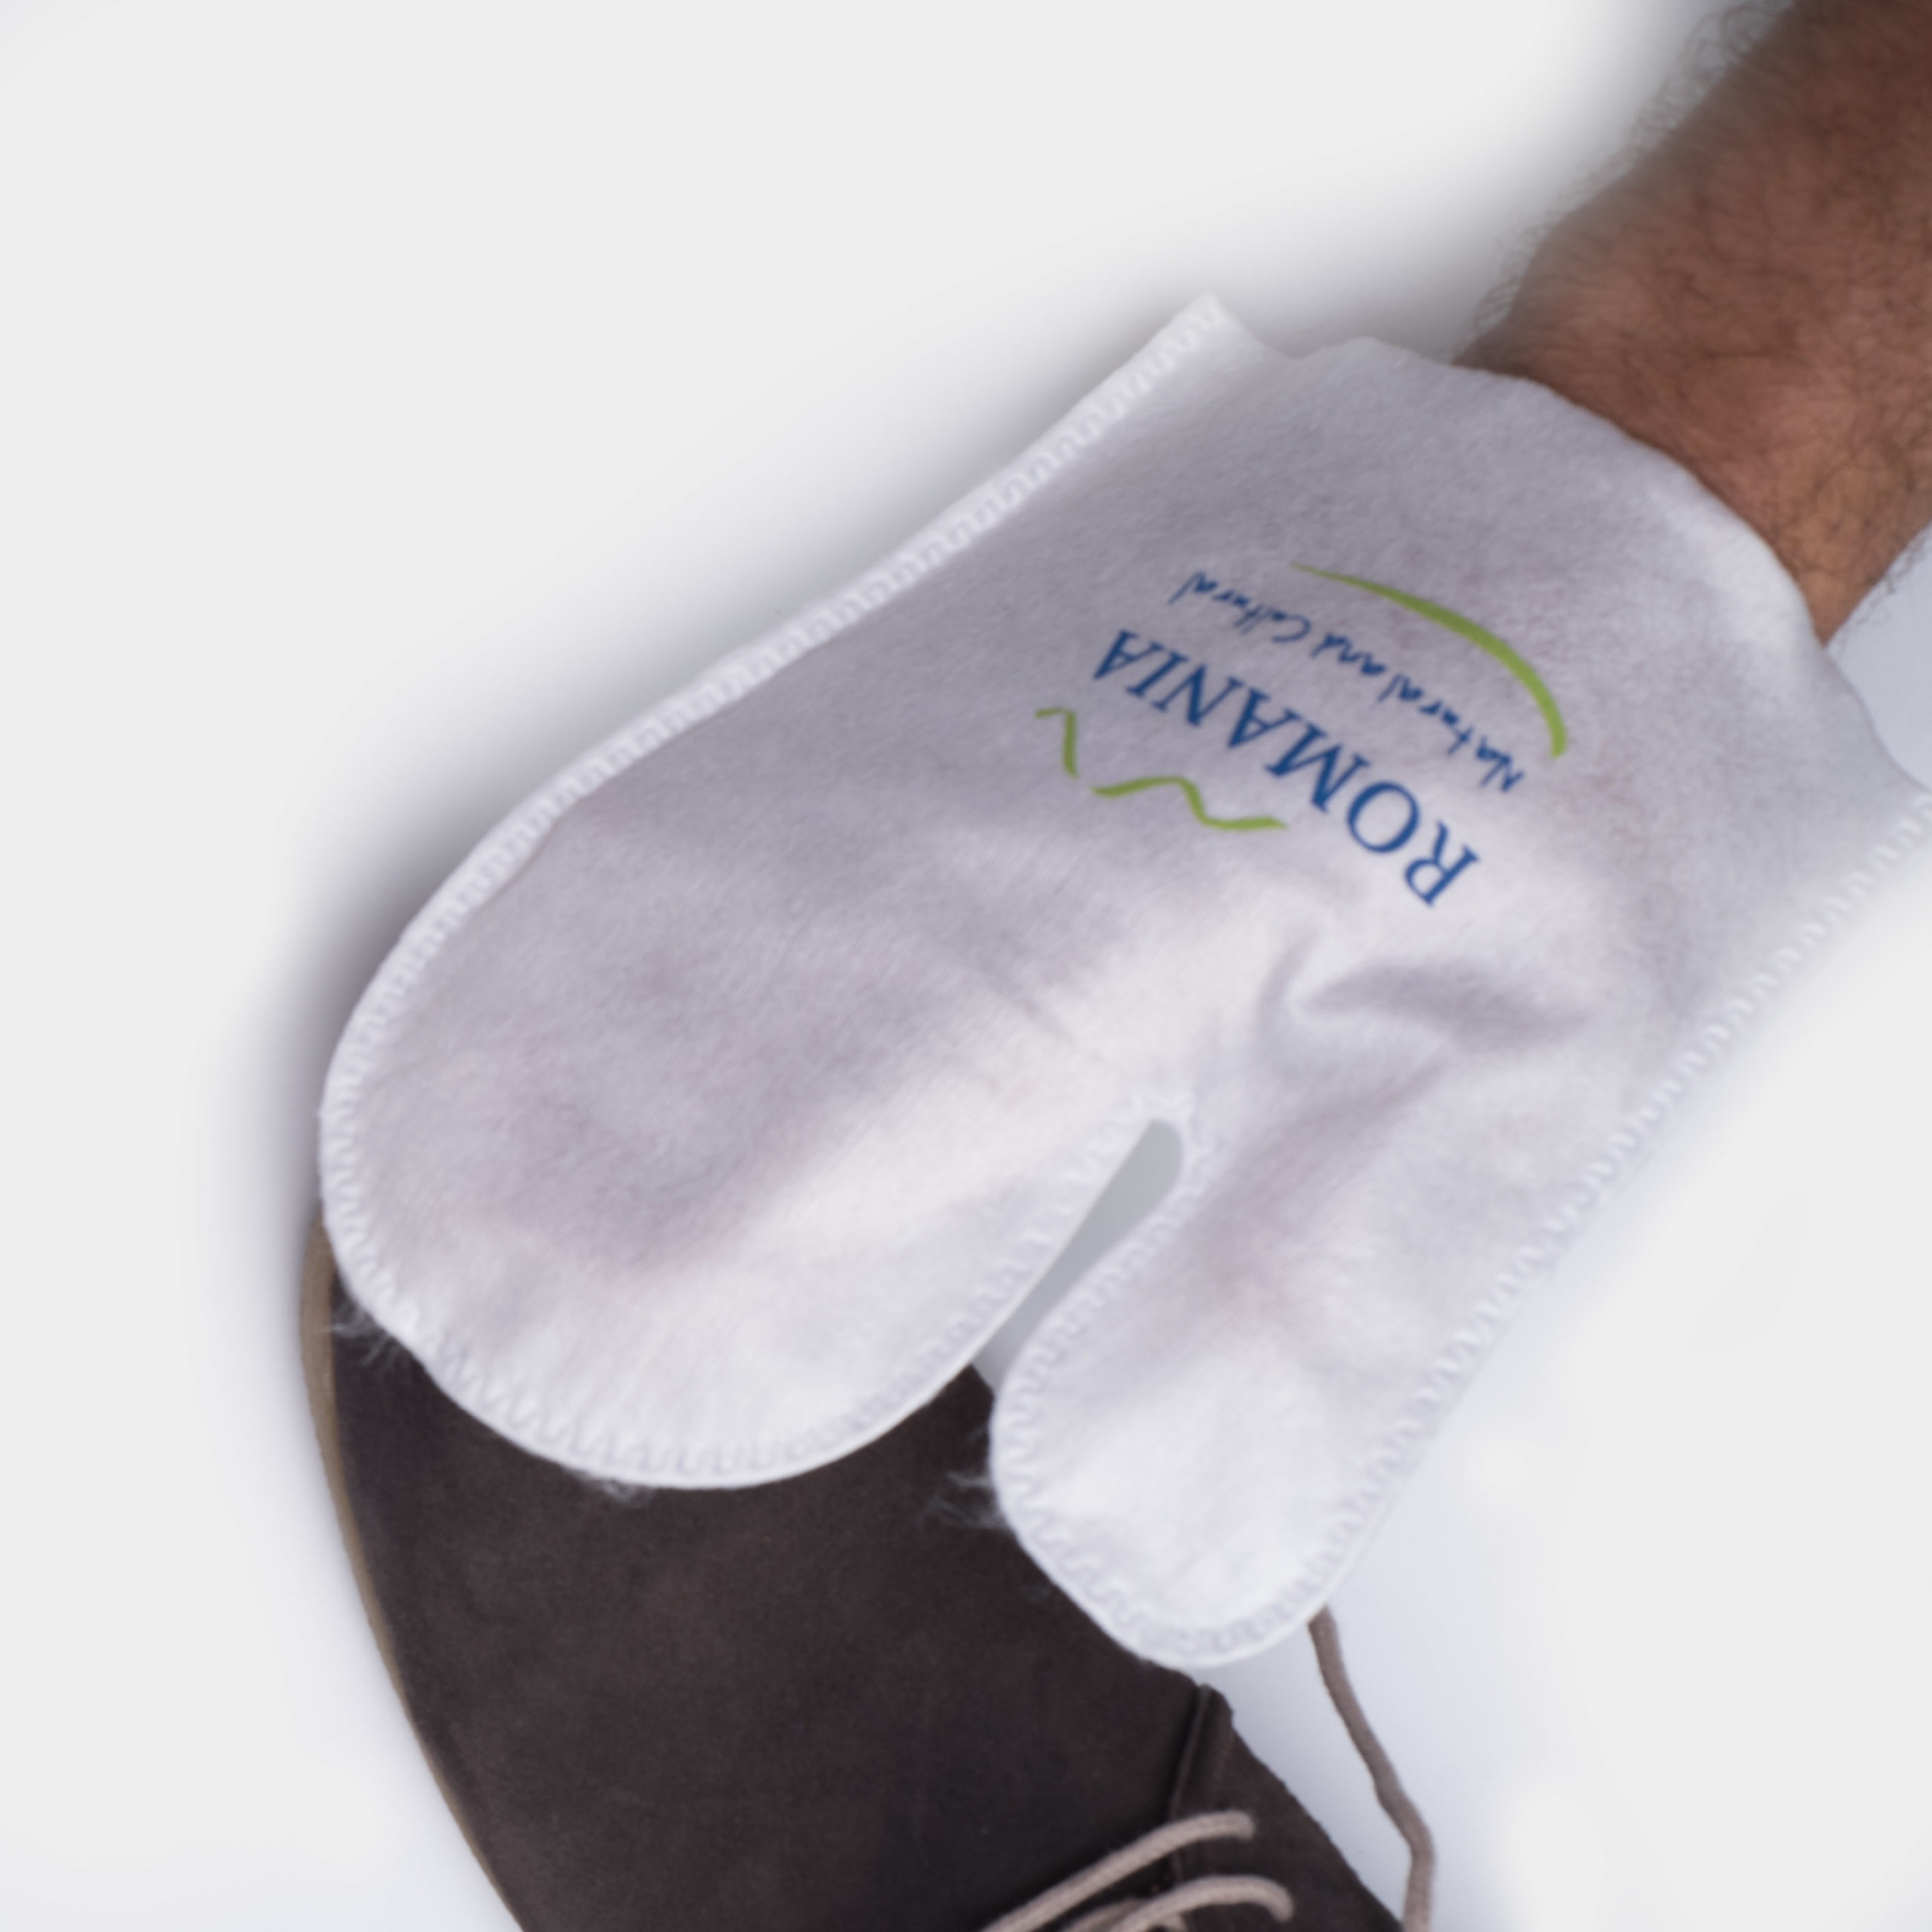 Shoe glove